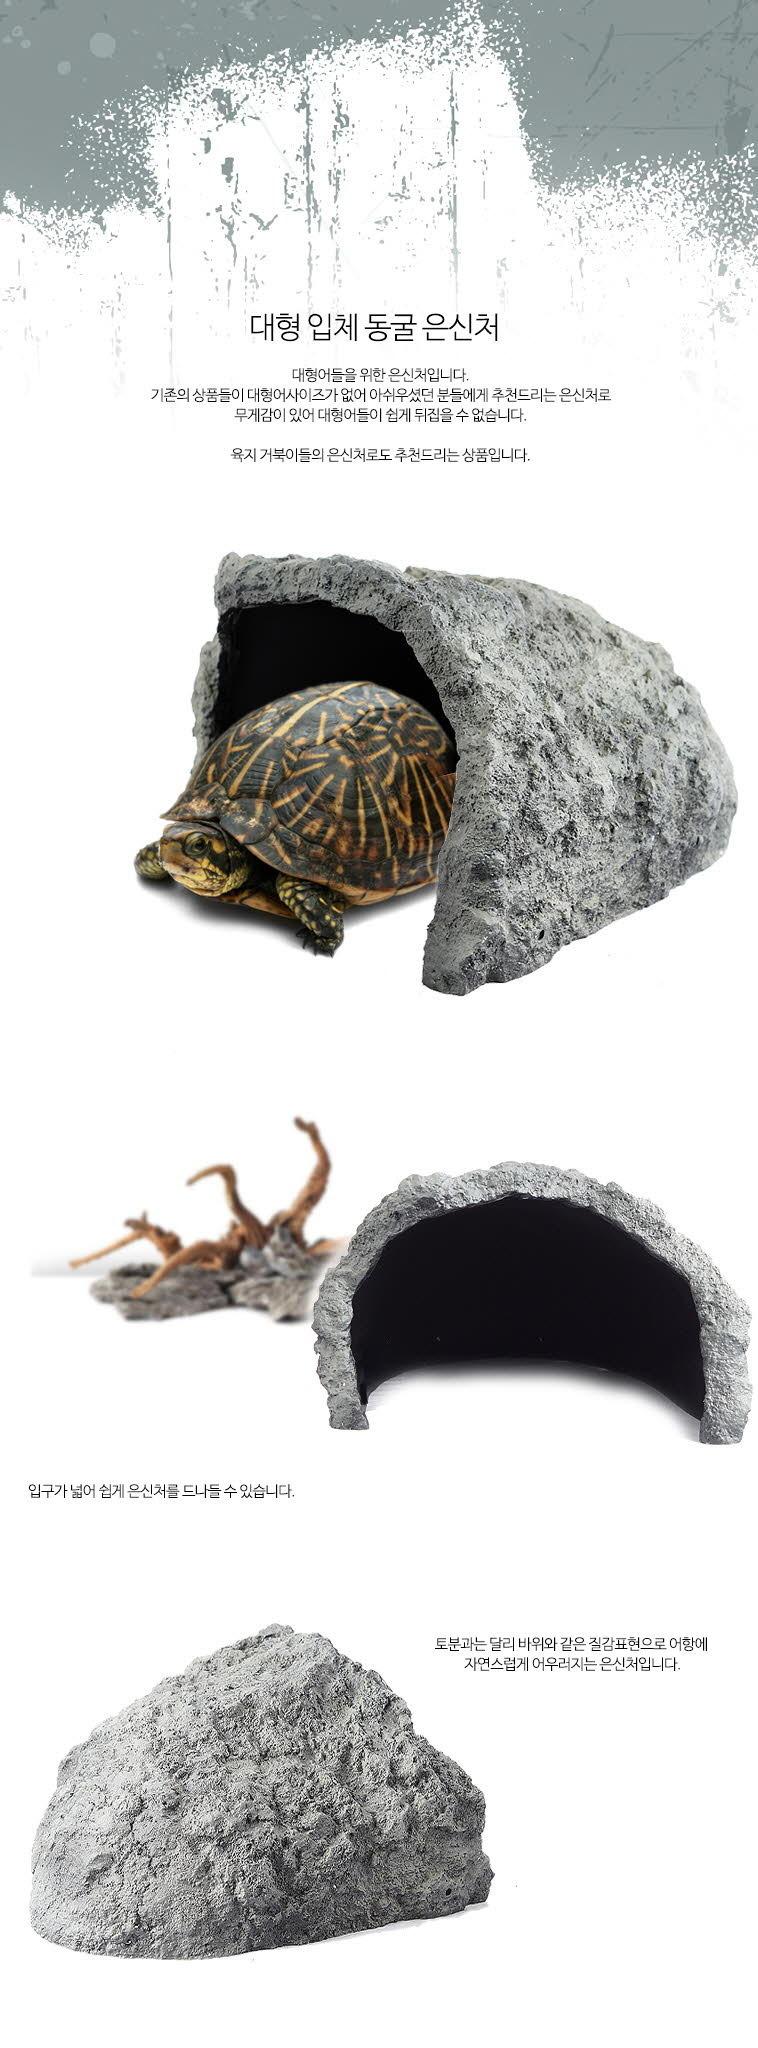 노모펫 대형가재 및 대형어 동굴 은신처 (NS-01) - 미미네아쿠아, 30,000원, 장식품, 산란상/은신처